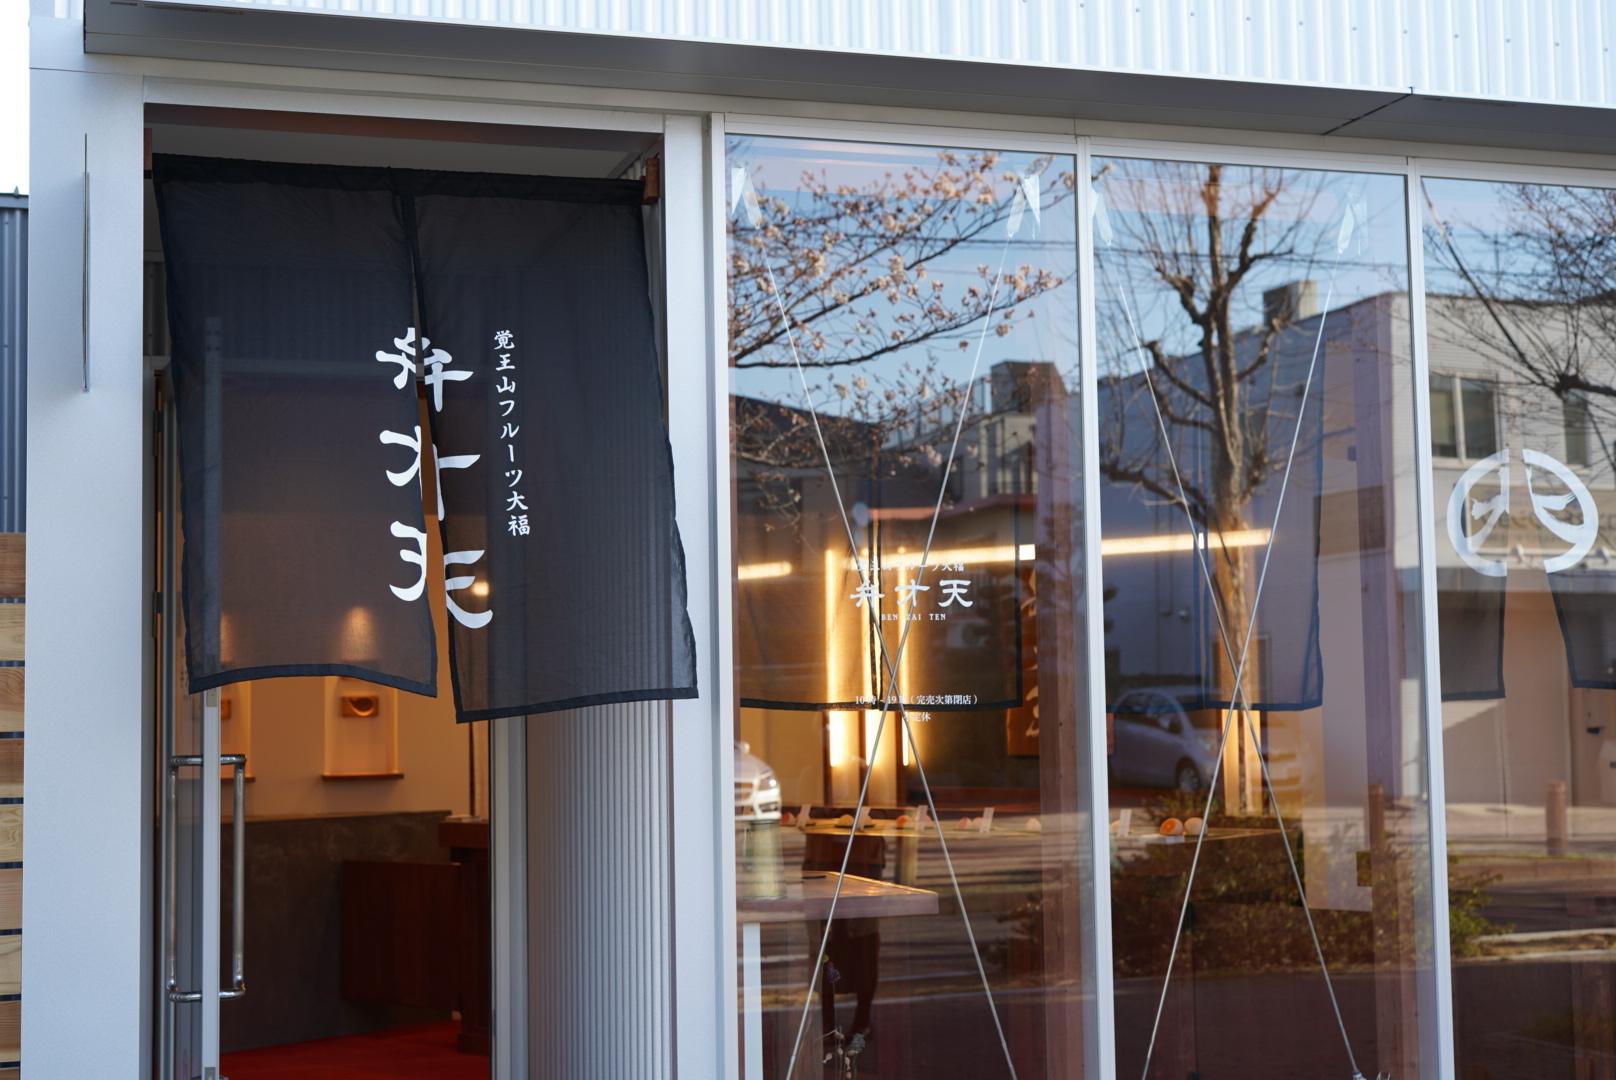 名鉄瀬戸線・高架下の新スポット「SAKUMACHI商店街」に12店舗がオープン! - 0D798BAE 72F5 4496 BF46 F8149218DB0A